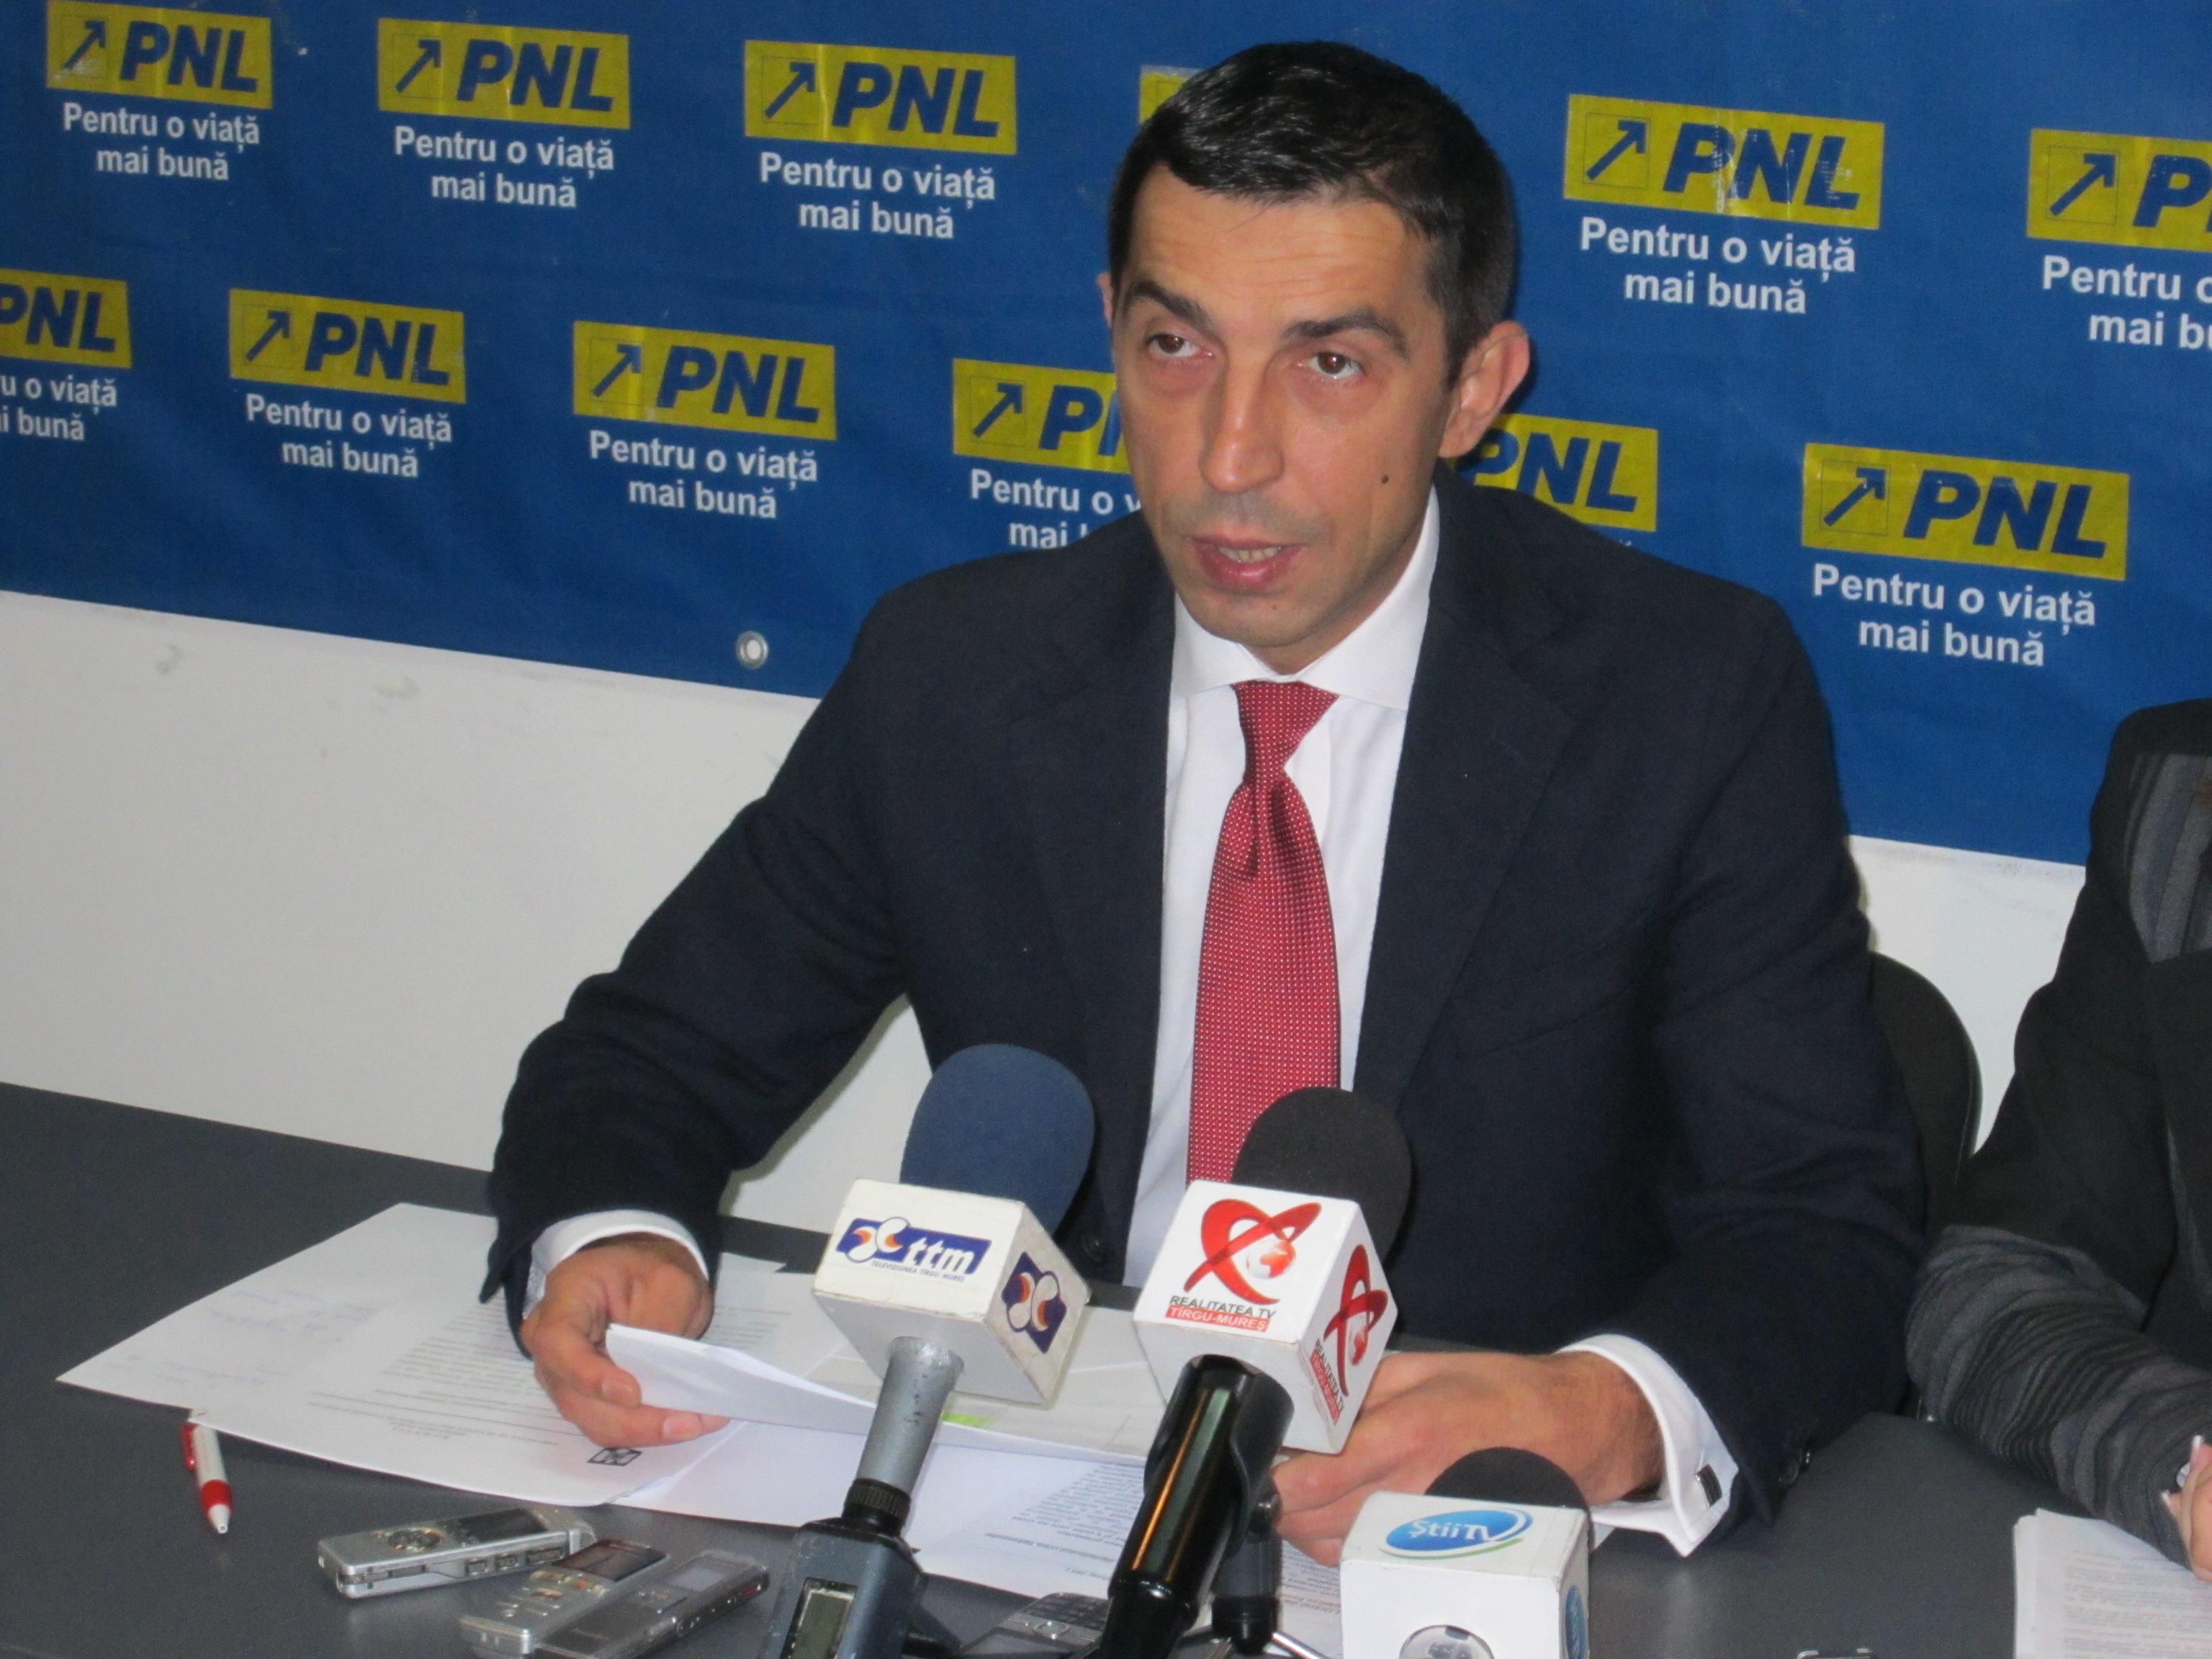 Deputatul PNL de Mureş, Ciprian Dobre, critică ordonanţa de Guvern privind plata eşalonată a sumelor obţinute prin hotărâri judecătoreşti.